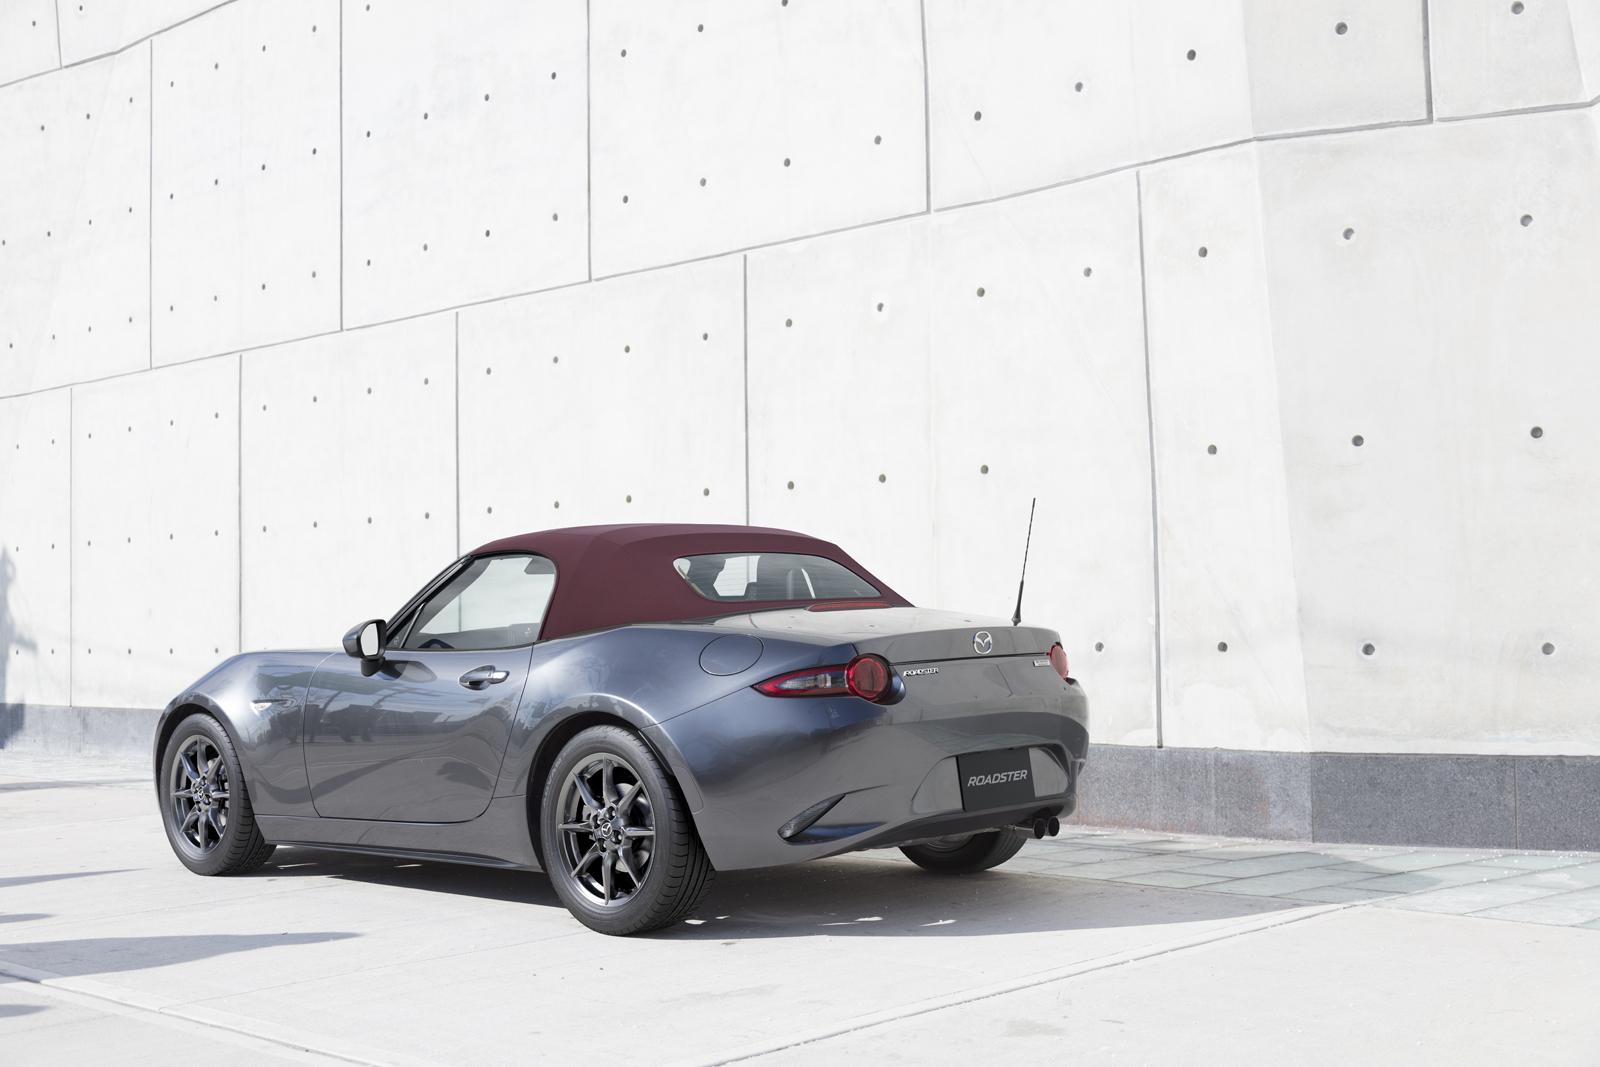 Kelebihan Kekurangan Mazda Mx 5 2018 Murah Berkualitas